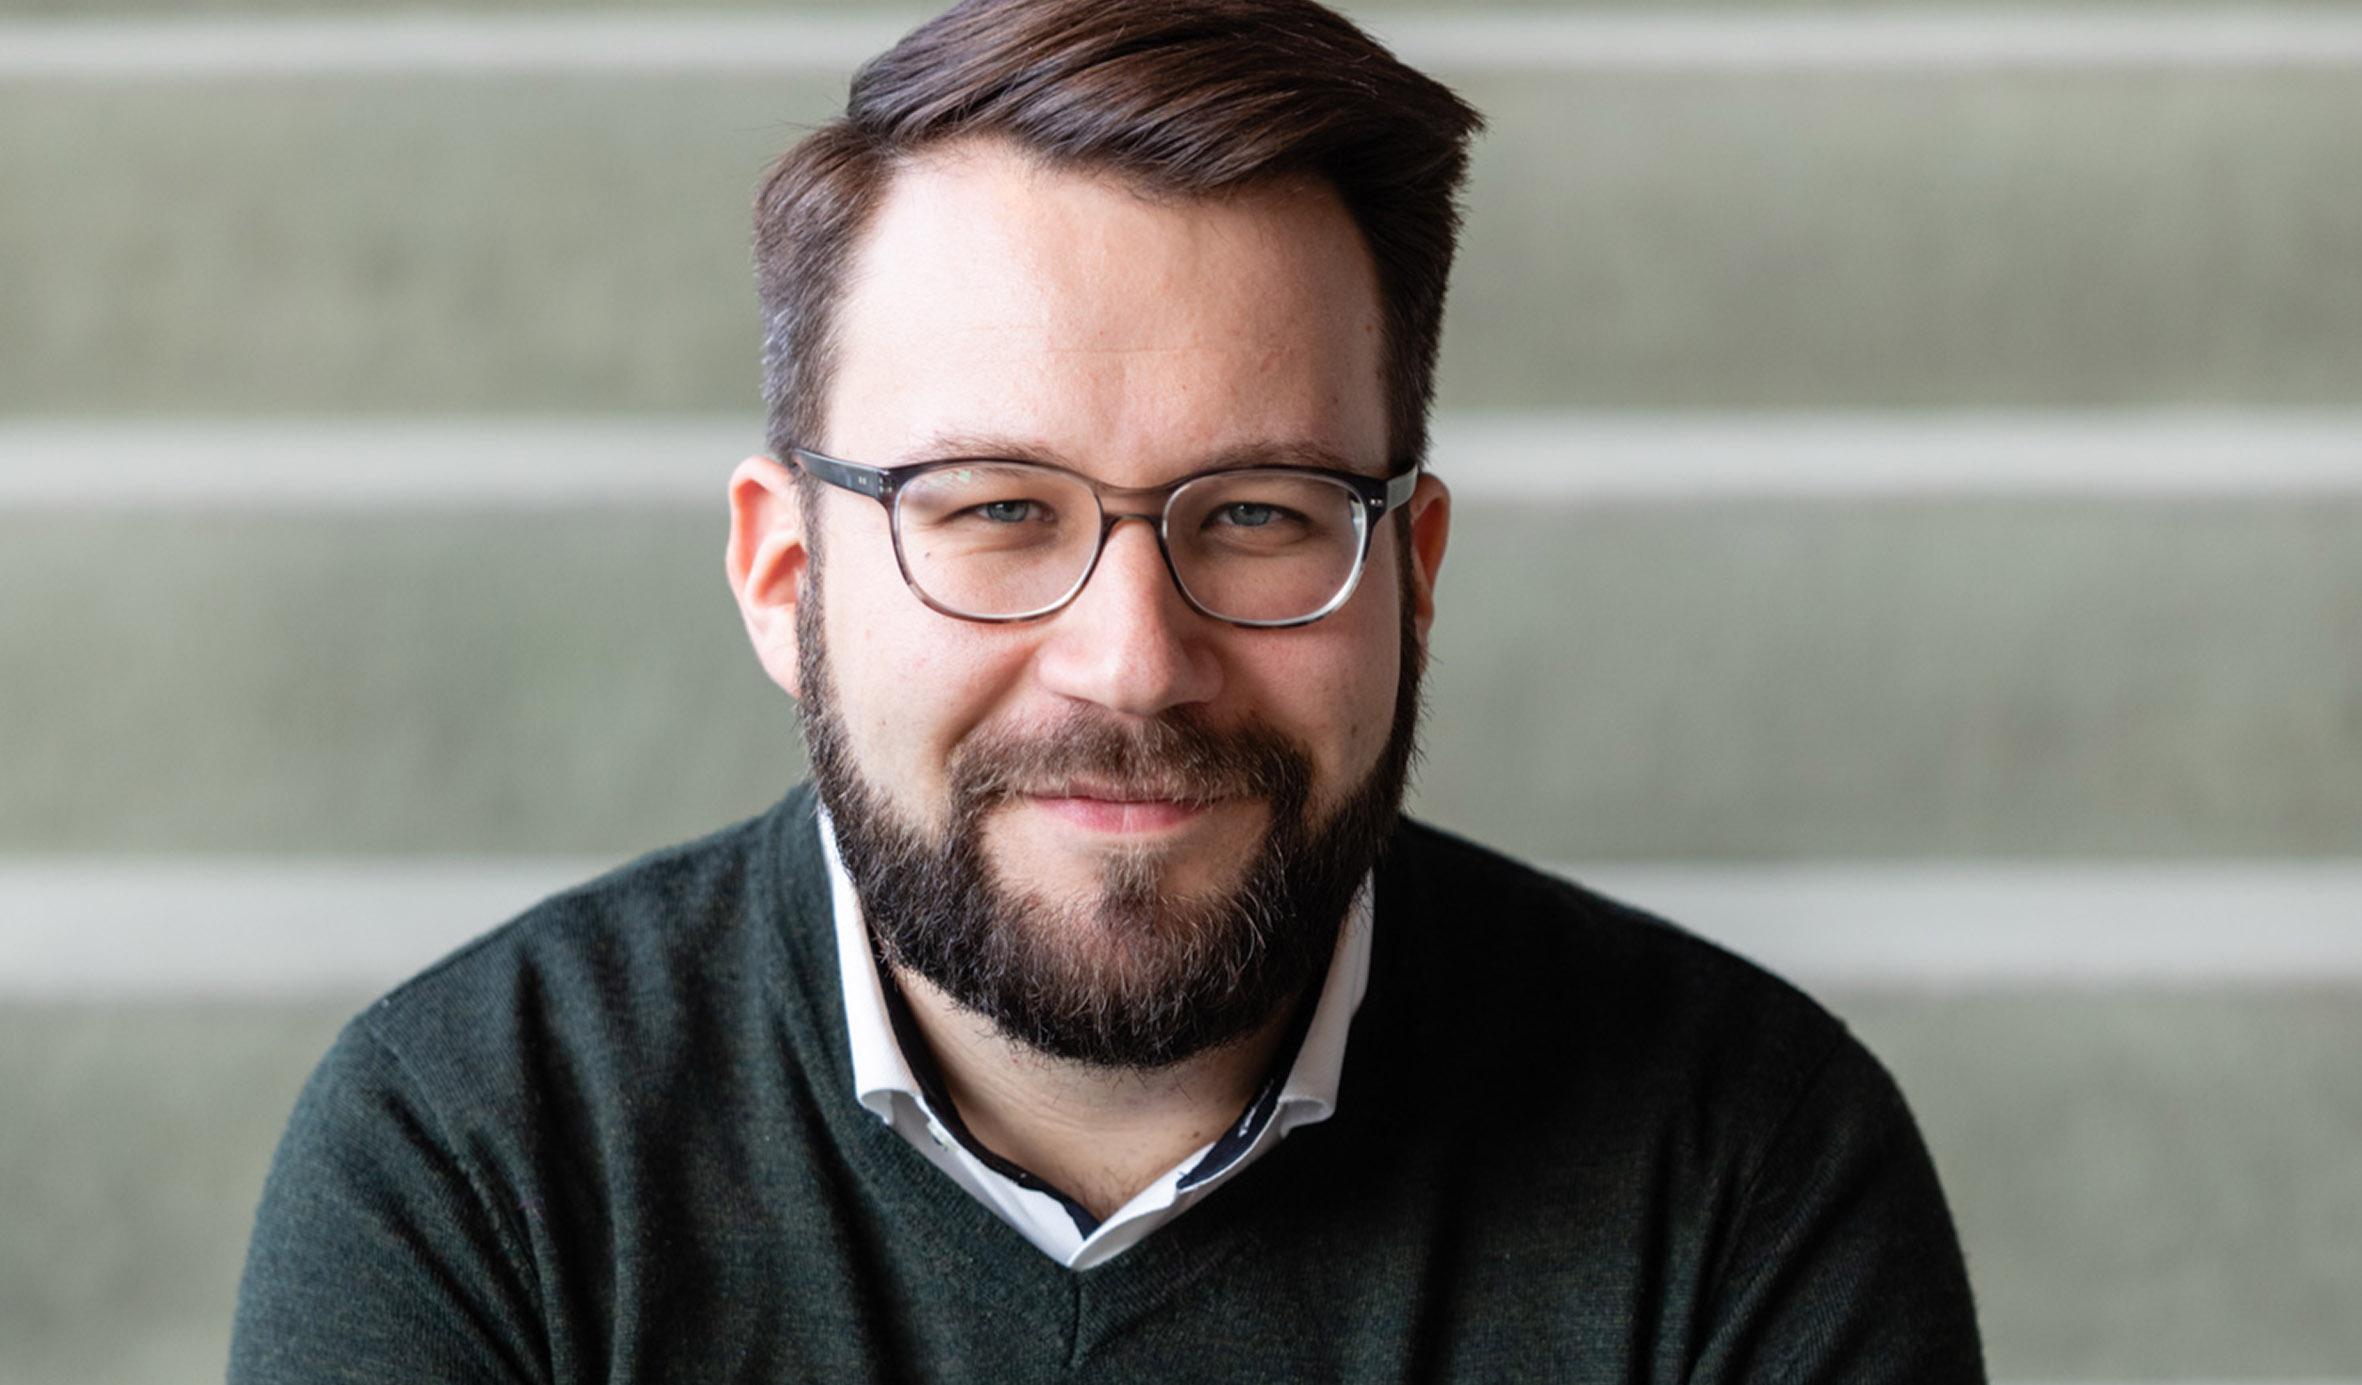 © Stephan Bögl. Porträt von Lars Gebhardt, Dramaturg, Deutsche Oper Berlin vor einem hellen Hintergrund mit weißen Streifen. Über einem weißen Hemd hat er einen anthrazitfarbenen Pullover mit V-Ausschnitt angezogen. Er hat braune Haare, einen kurzen Vollbart, trägt eine schwarz-umrandetet Brille und lächelt in die Kamera.